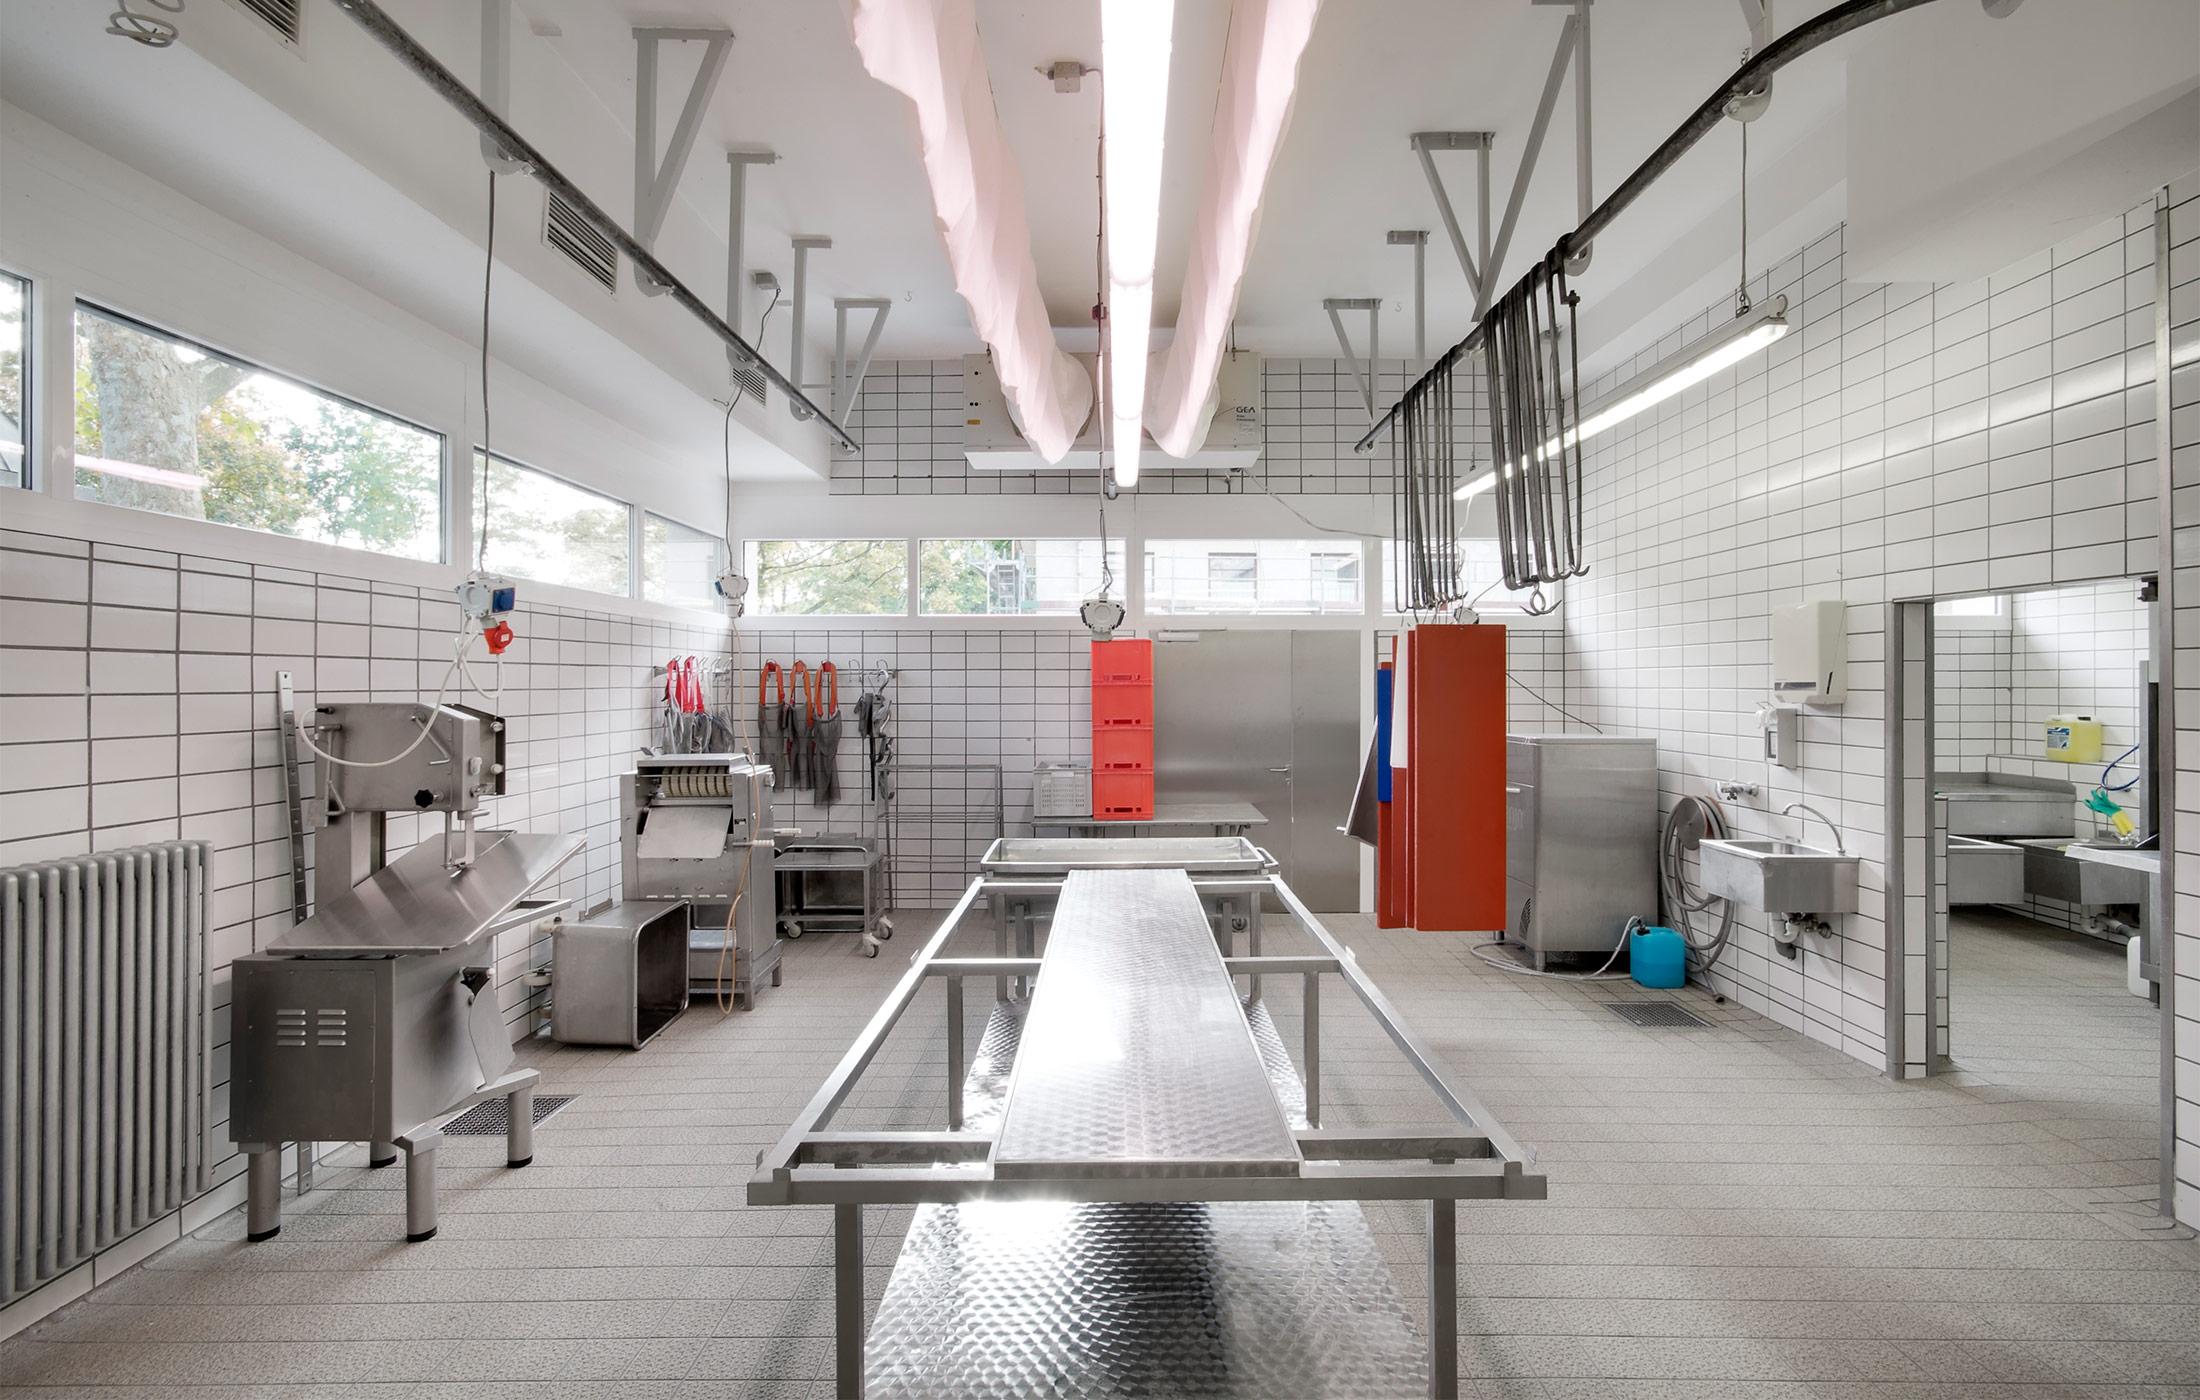 2010, Generalsanierung für das Zentralwirtschaftsgebäude der Diakonie Stetten e.V.